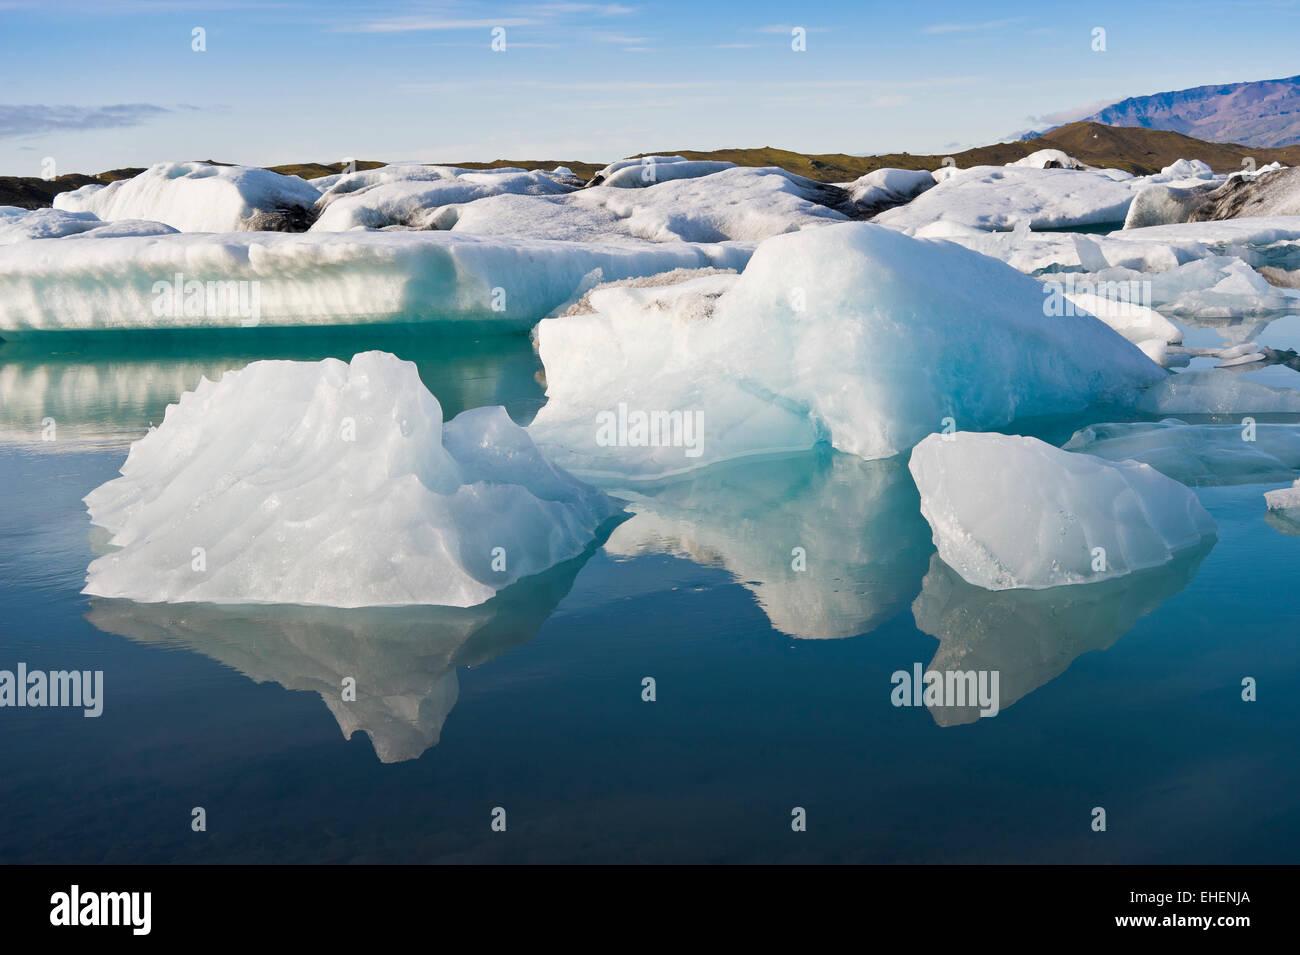 Drifting icebergs at the glacier lagoon at Joekulsarlon, Iceland - Stock Image